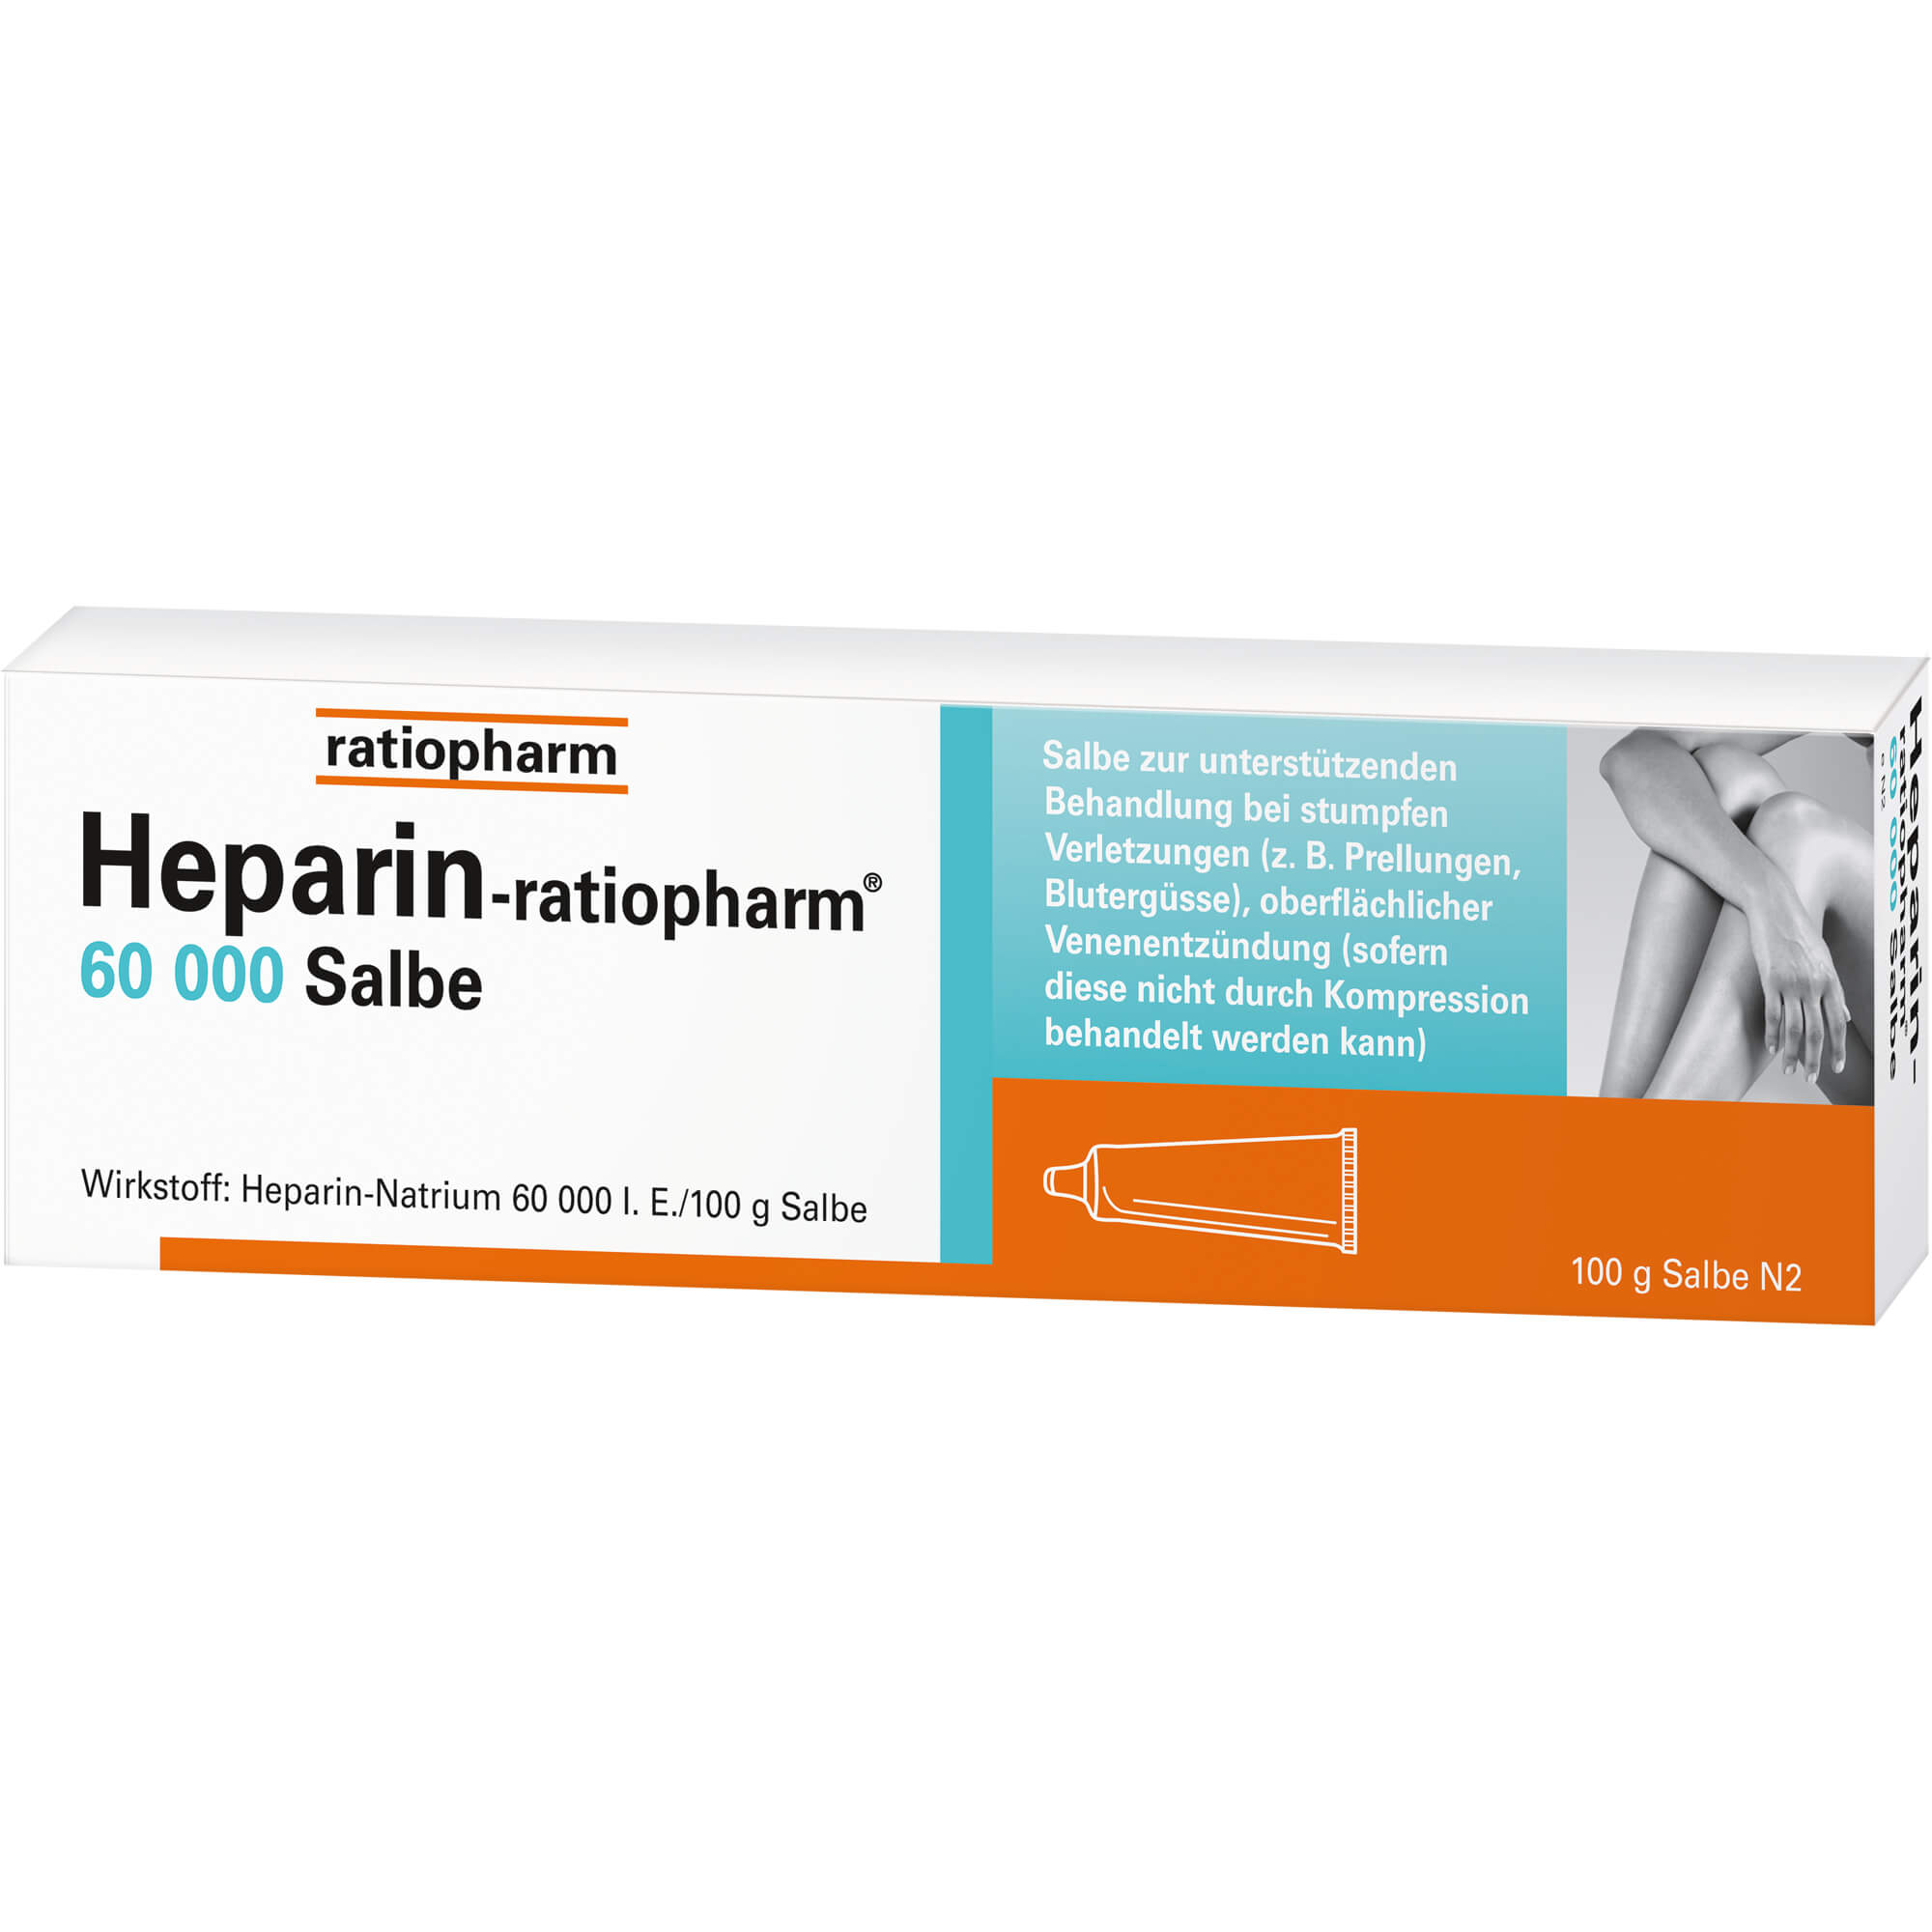 HEPARIN-RATIOPHARM-60-000-Salbe